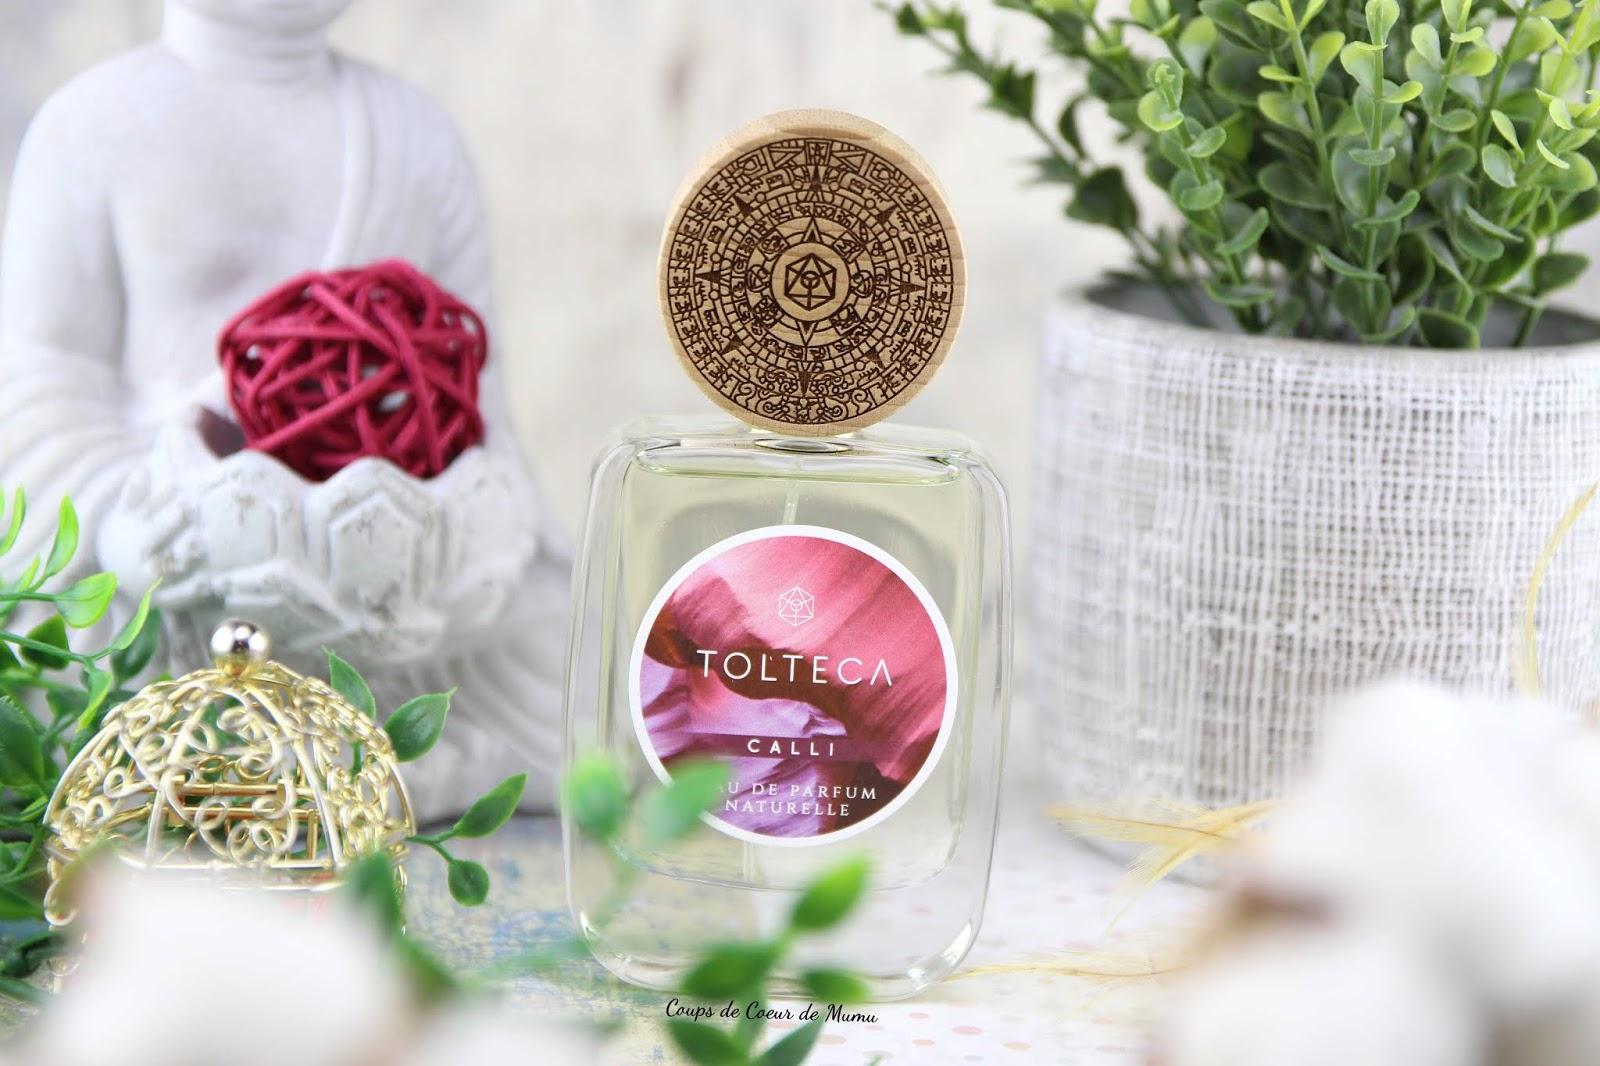 Calli De Tolteca Mon Nouveau Parfum Français Naturel Et Vegan